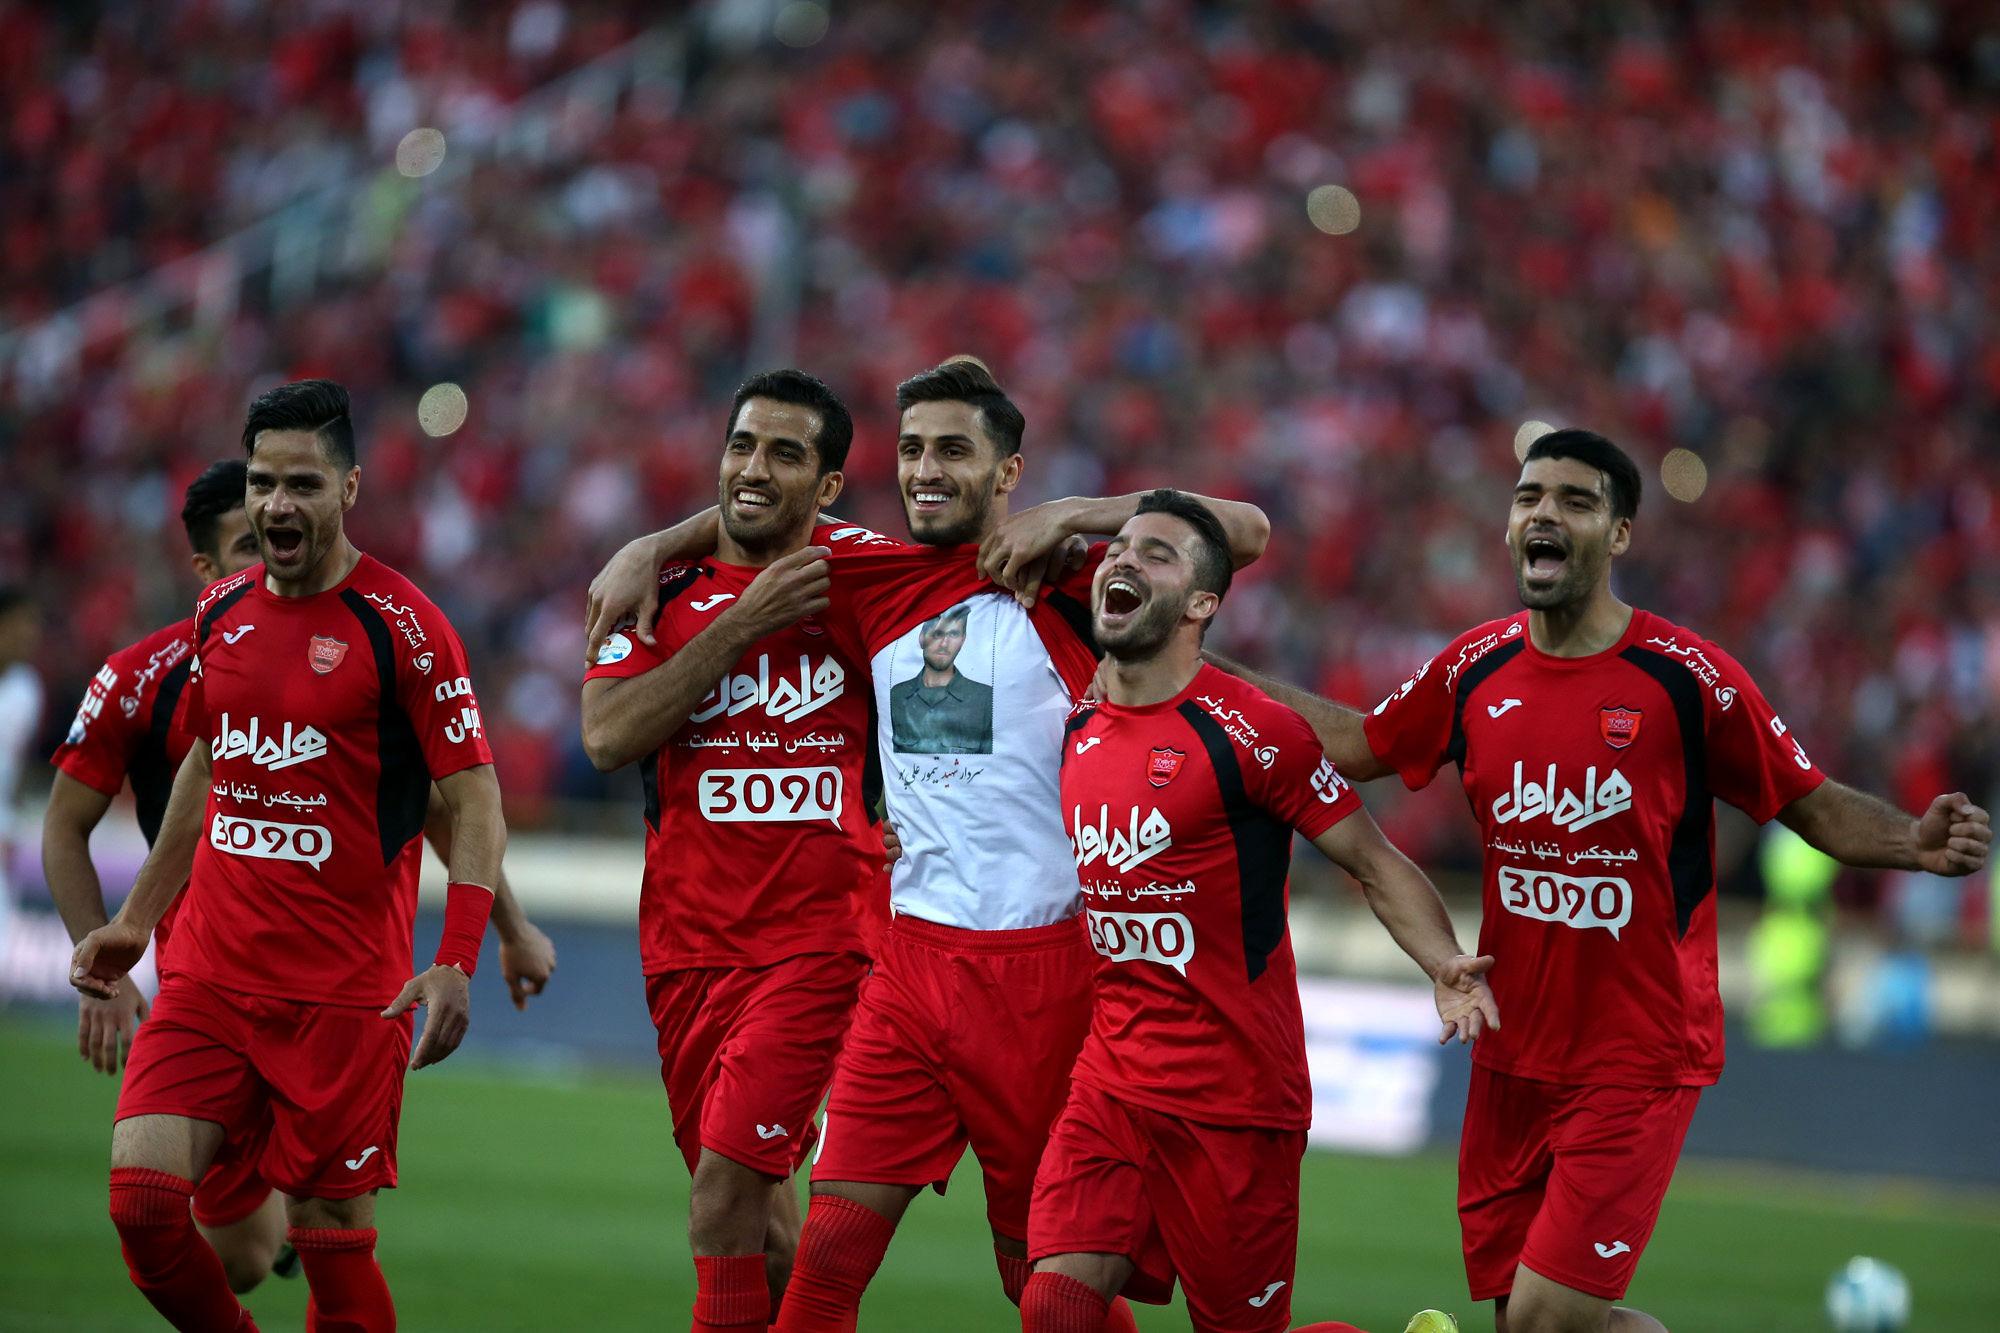 قرمزهای تهران محل تمرین خود را تغییر دادند